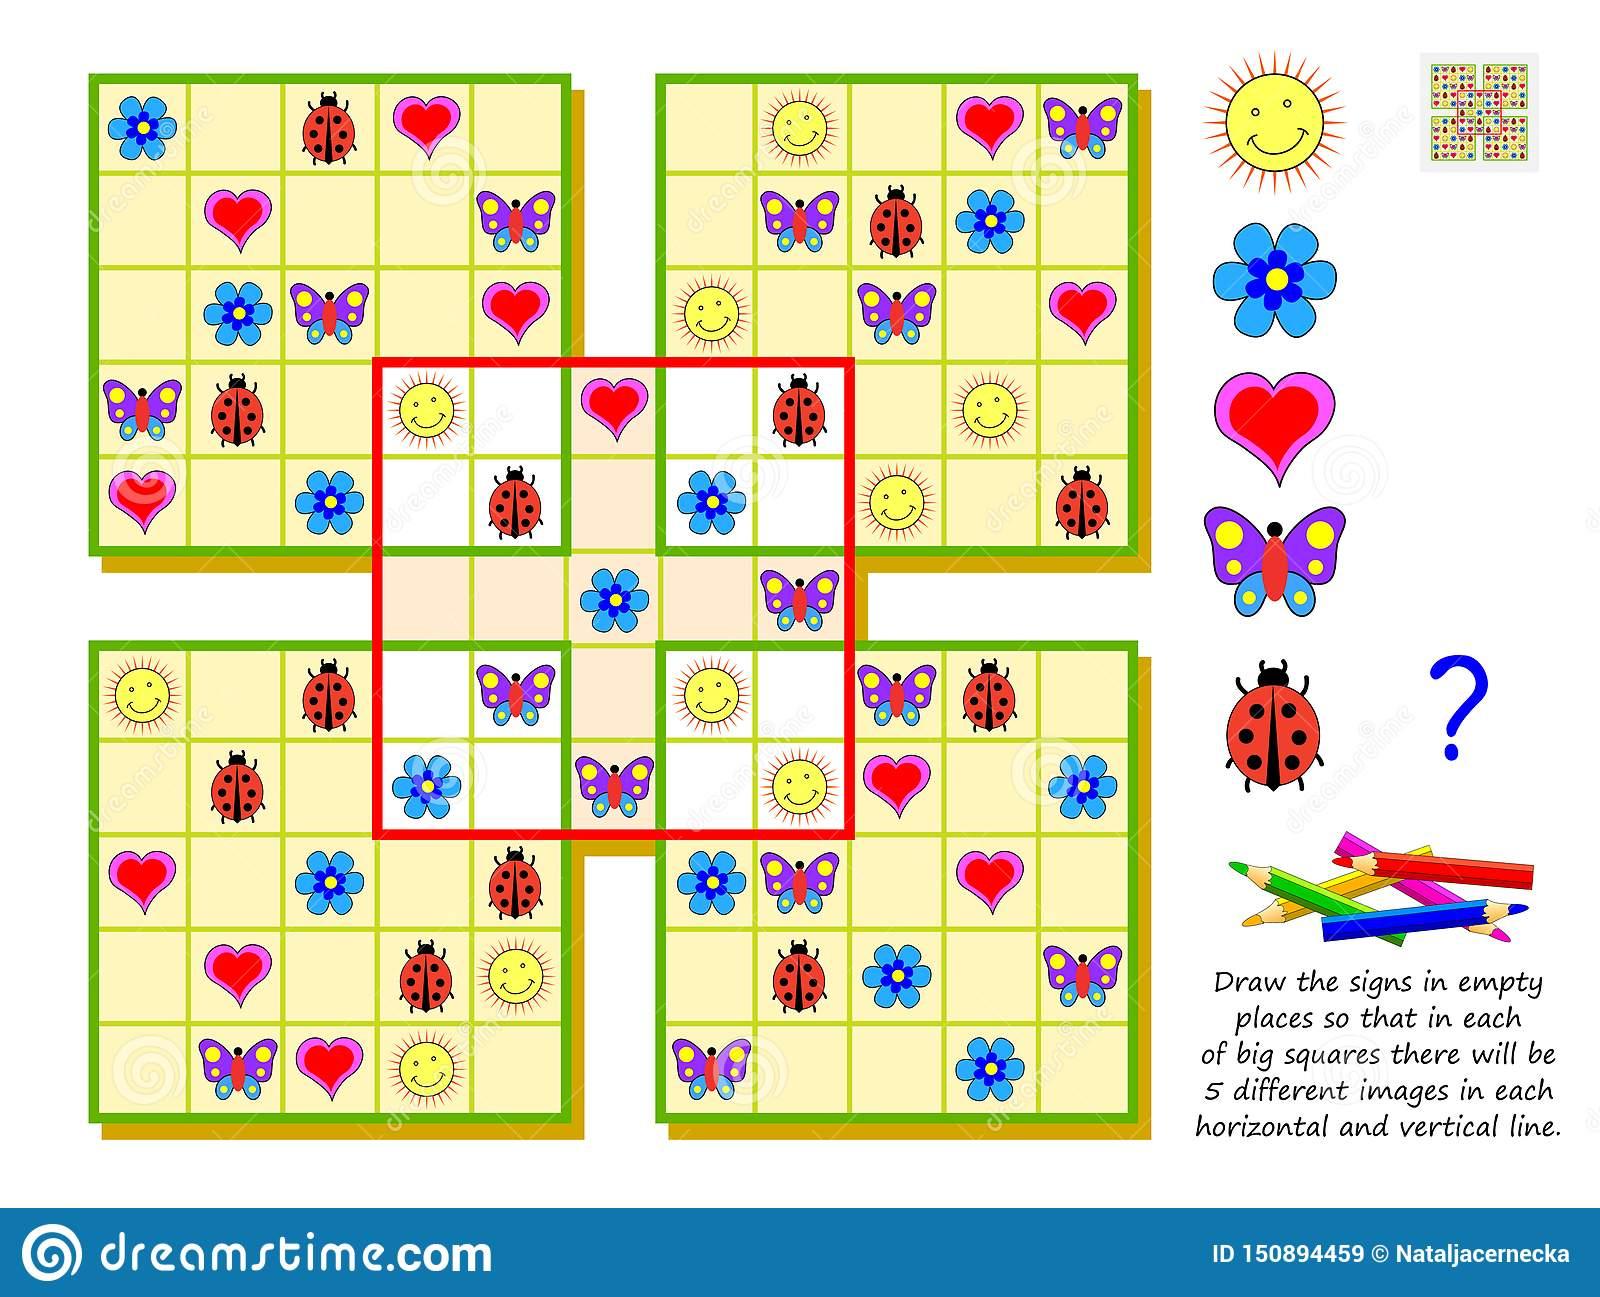 Jeu De Puzzle De Sudoku De Logique Pour Des Enfants L destiné Jeu Logique Enfant